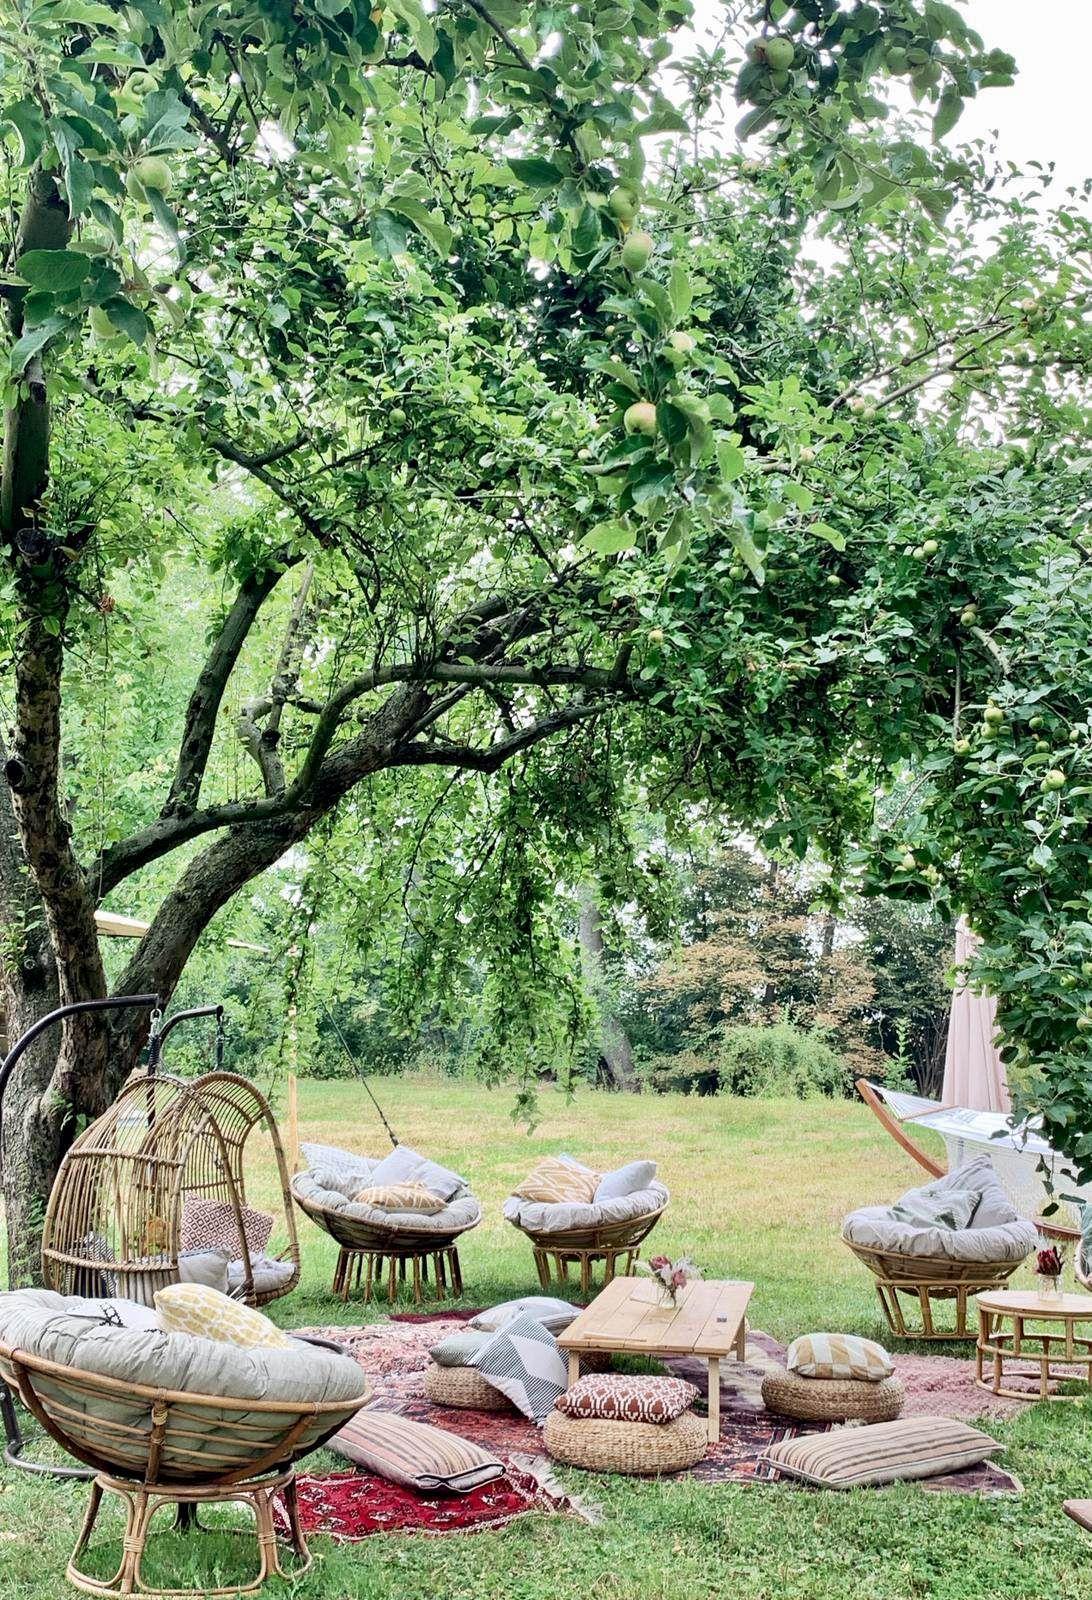 Boho Hochzeit Wasserburg Geretzhoven Draussen Lasst Es Sich Tremendous Entspannen In Der Lounge Ecke Mit Ratta In 2020 Outdoor Garden Furniture Outdoor Wedding Outdoor